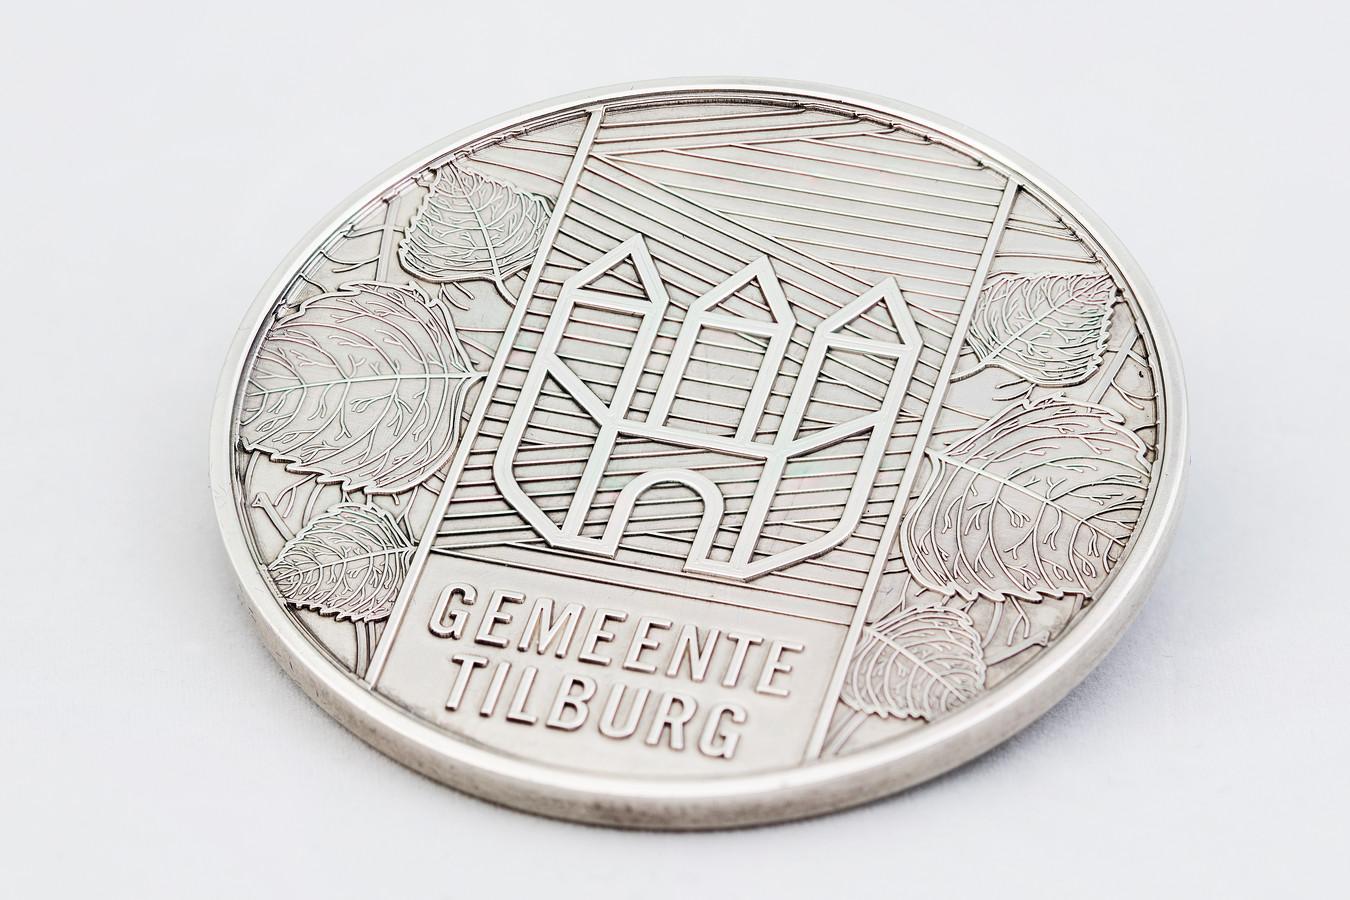 Zilveren legpenning, erepenning. Gemeente Tilburg. Gemeentelijke onderscheiding. Onderscheidingen van de gemeente Tilburg